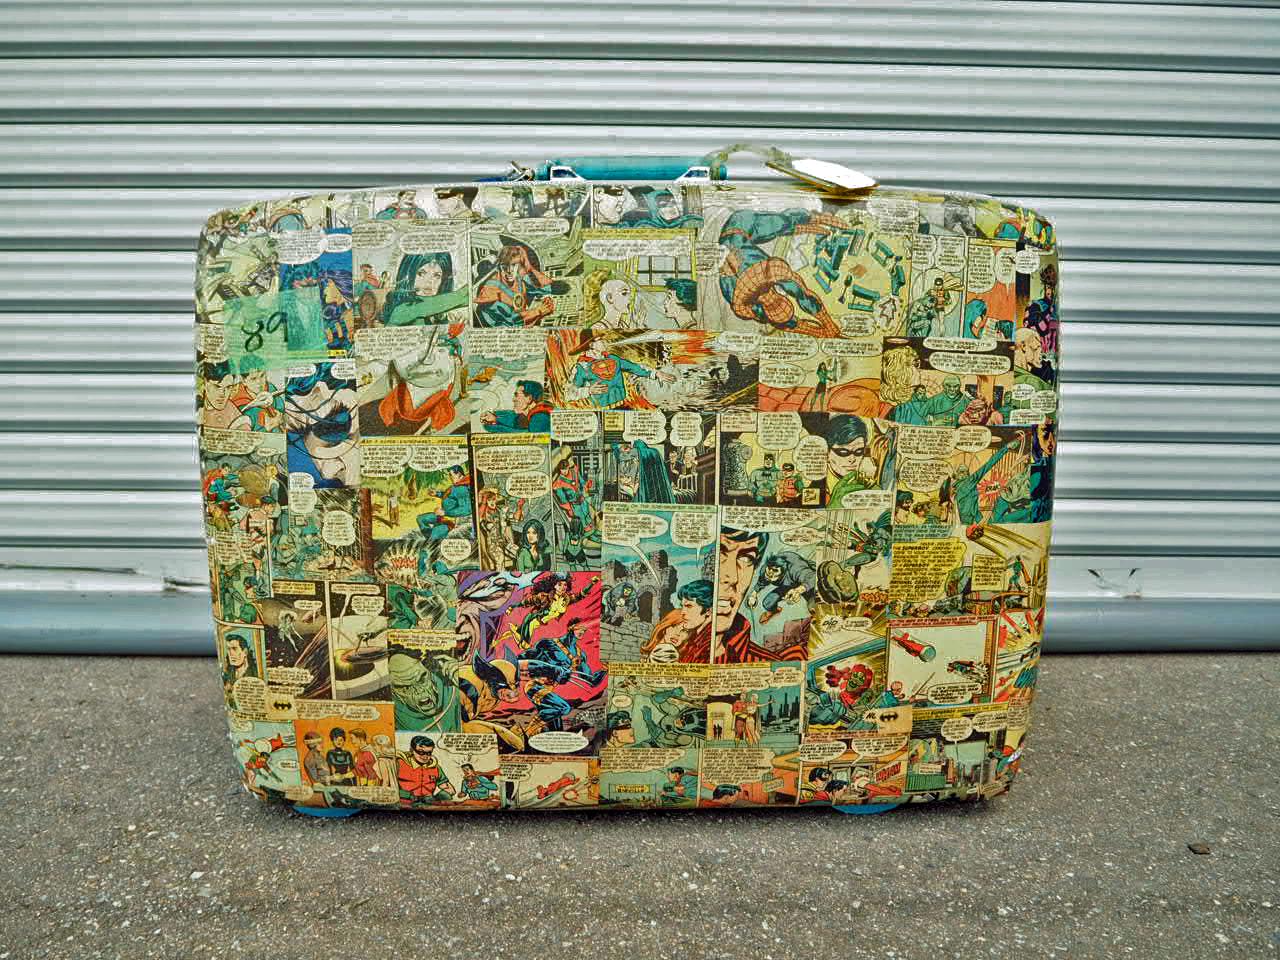 品番0899 スーツケース DC Comics アメコミ柄 Courier 鍵付  suitcase 011